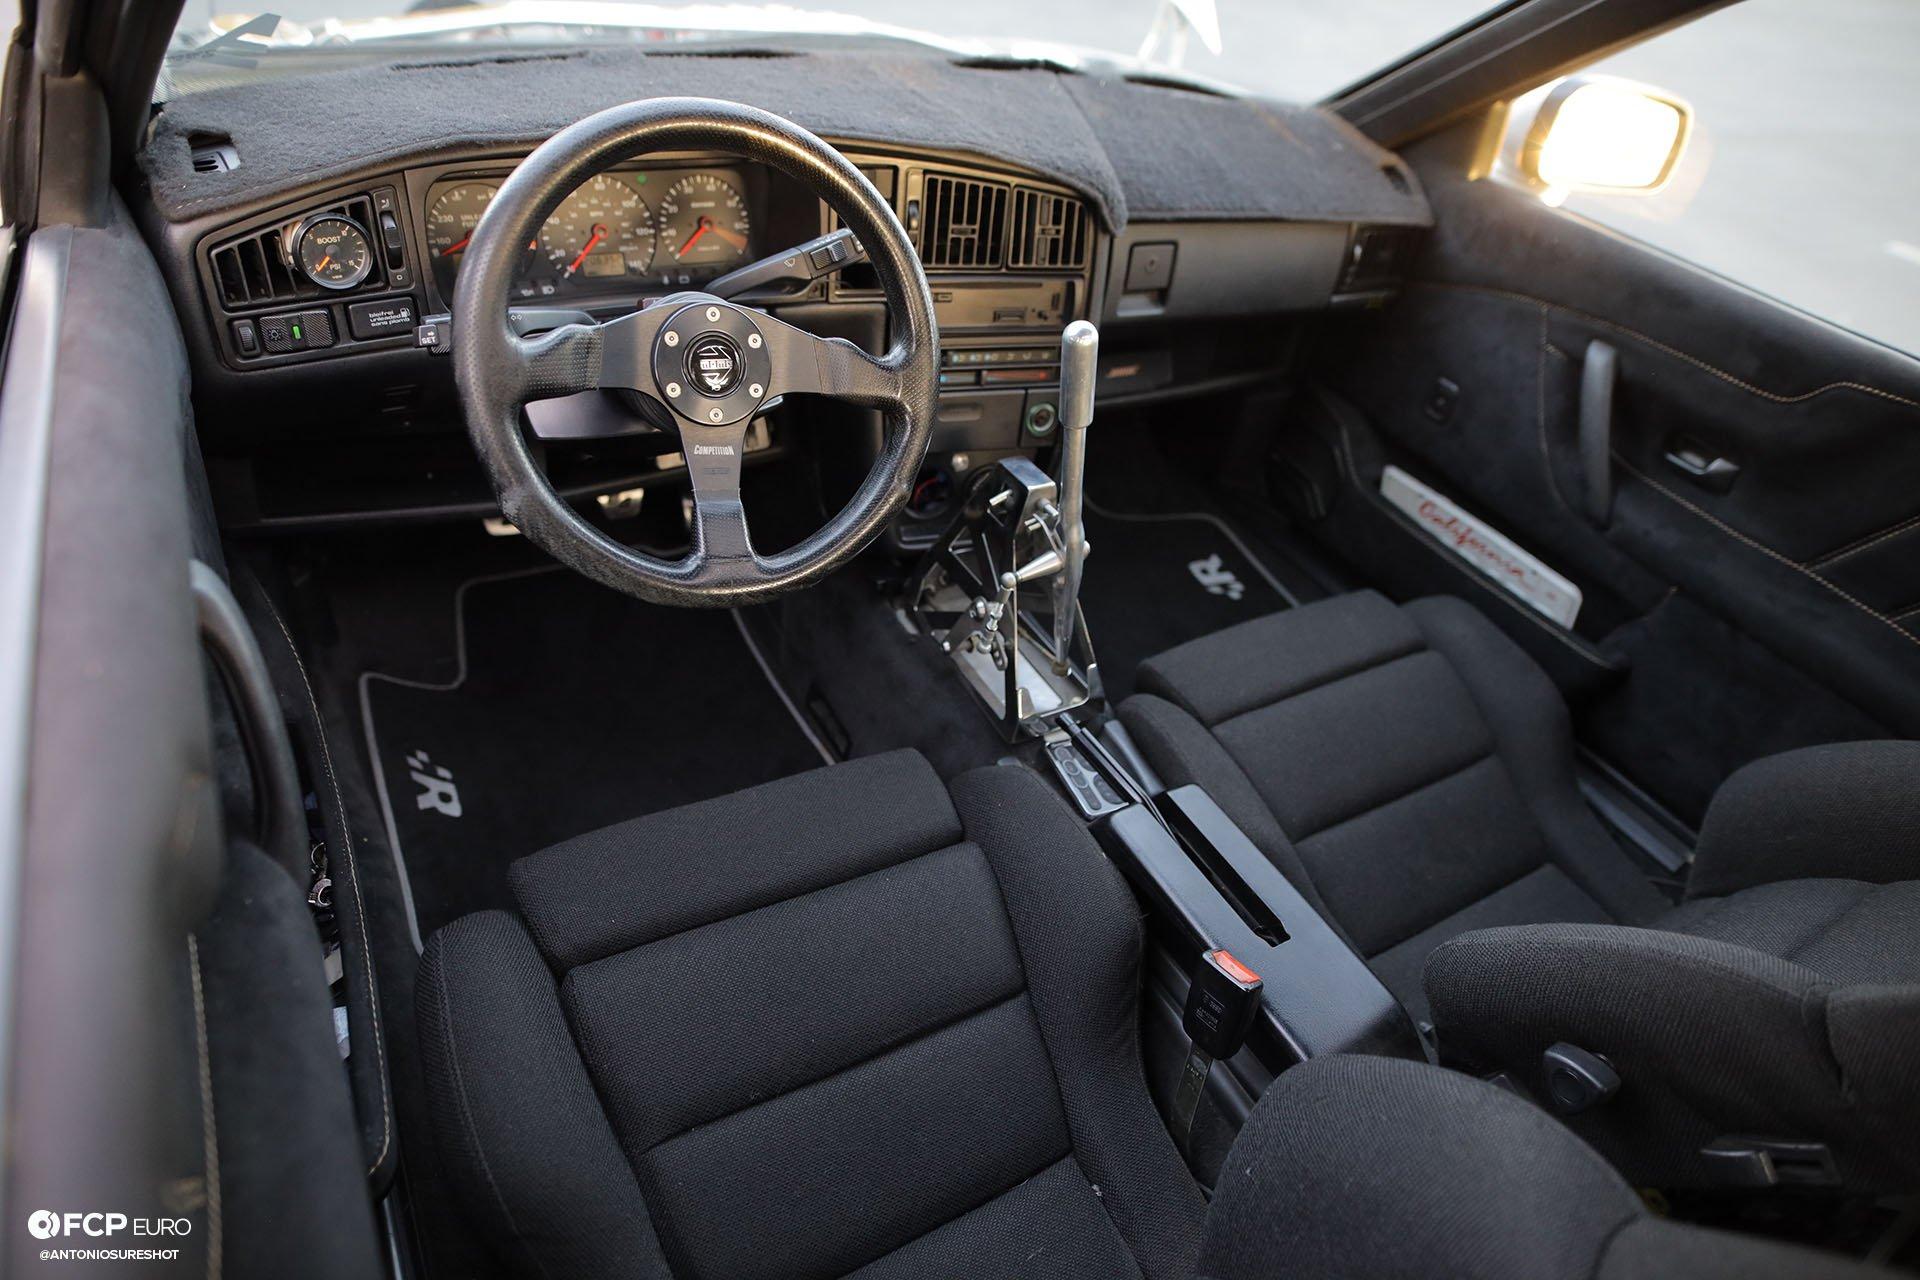 VW Corrado R32 Interior